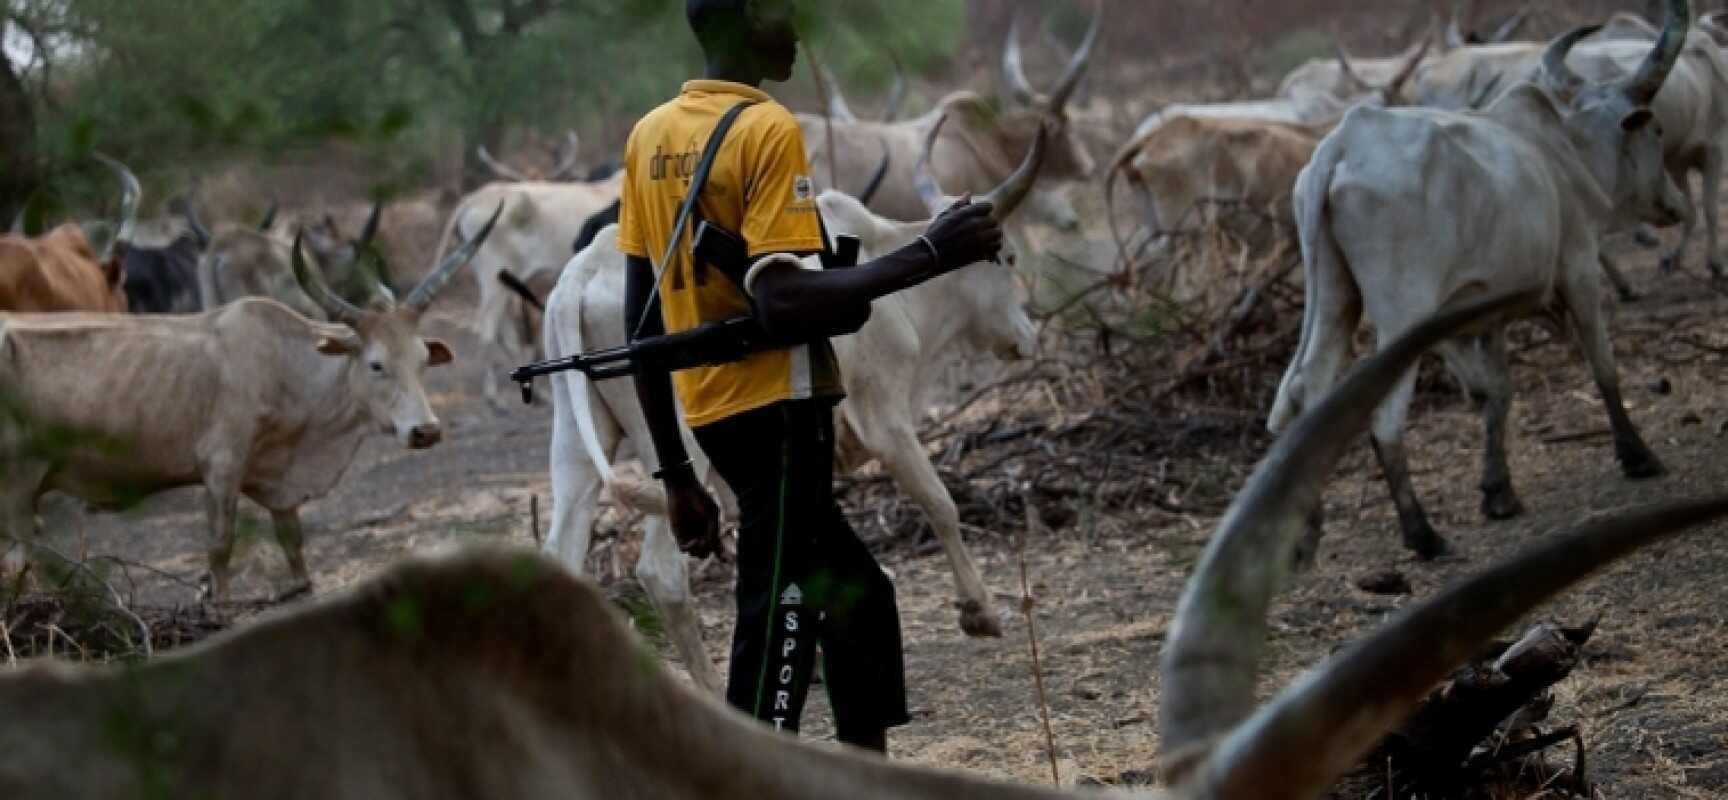 Herdsmen kill another farmer in Ekiti - TVC News Nigeria